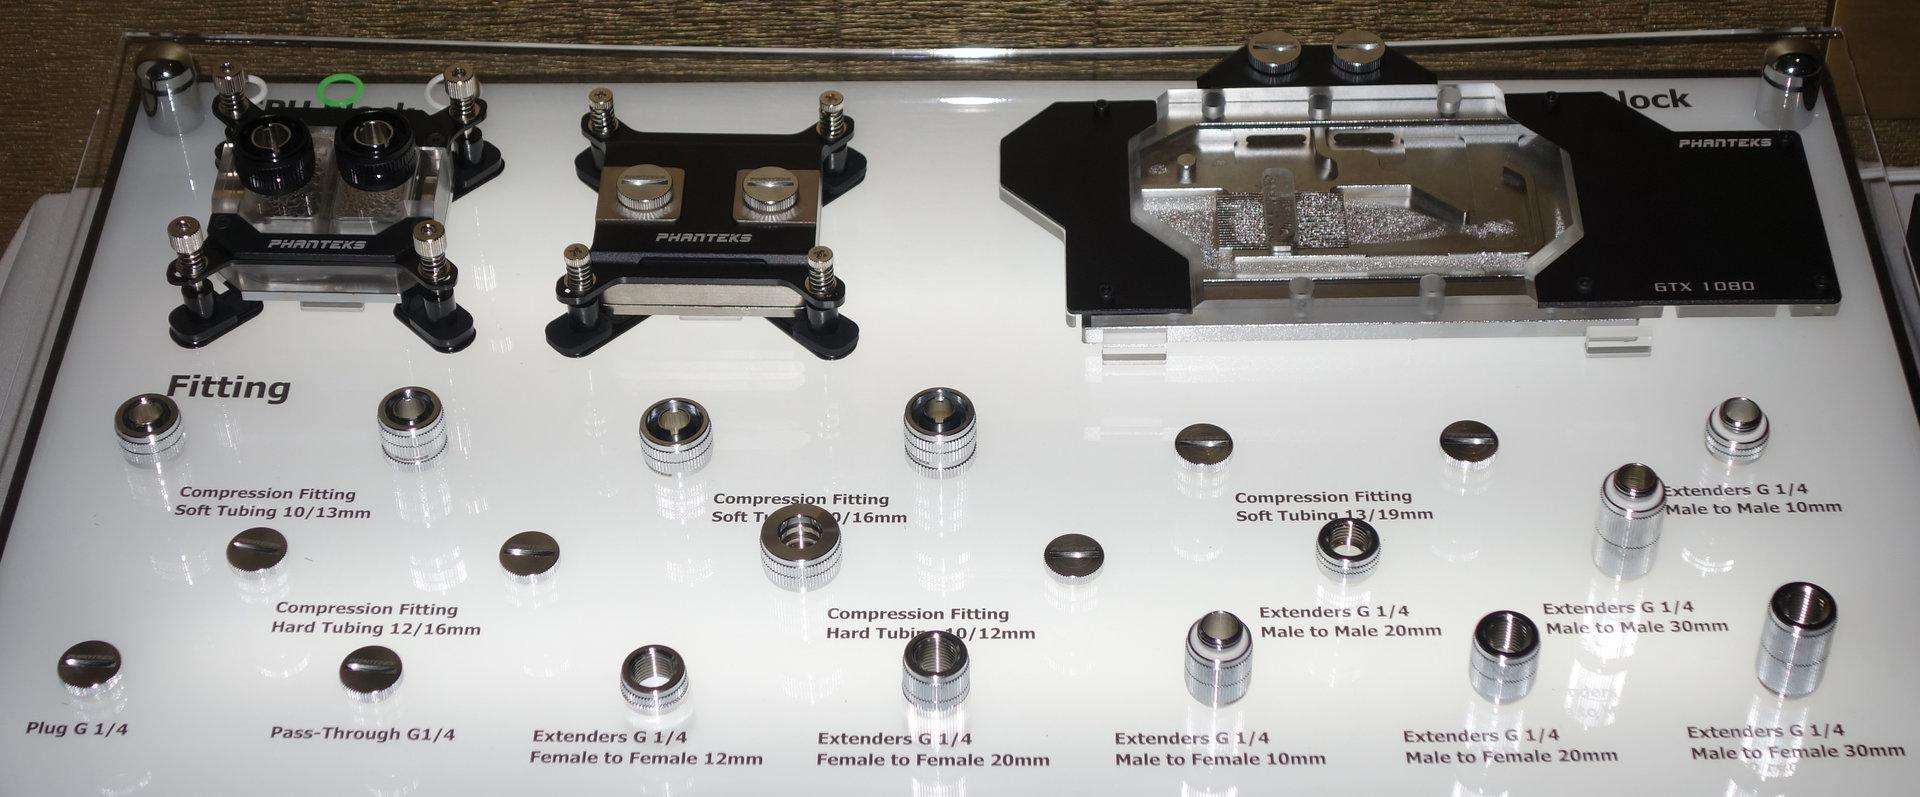 Neue Produkte von Phanteks für Wasserkühlungen